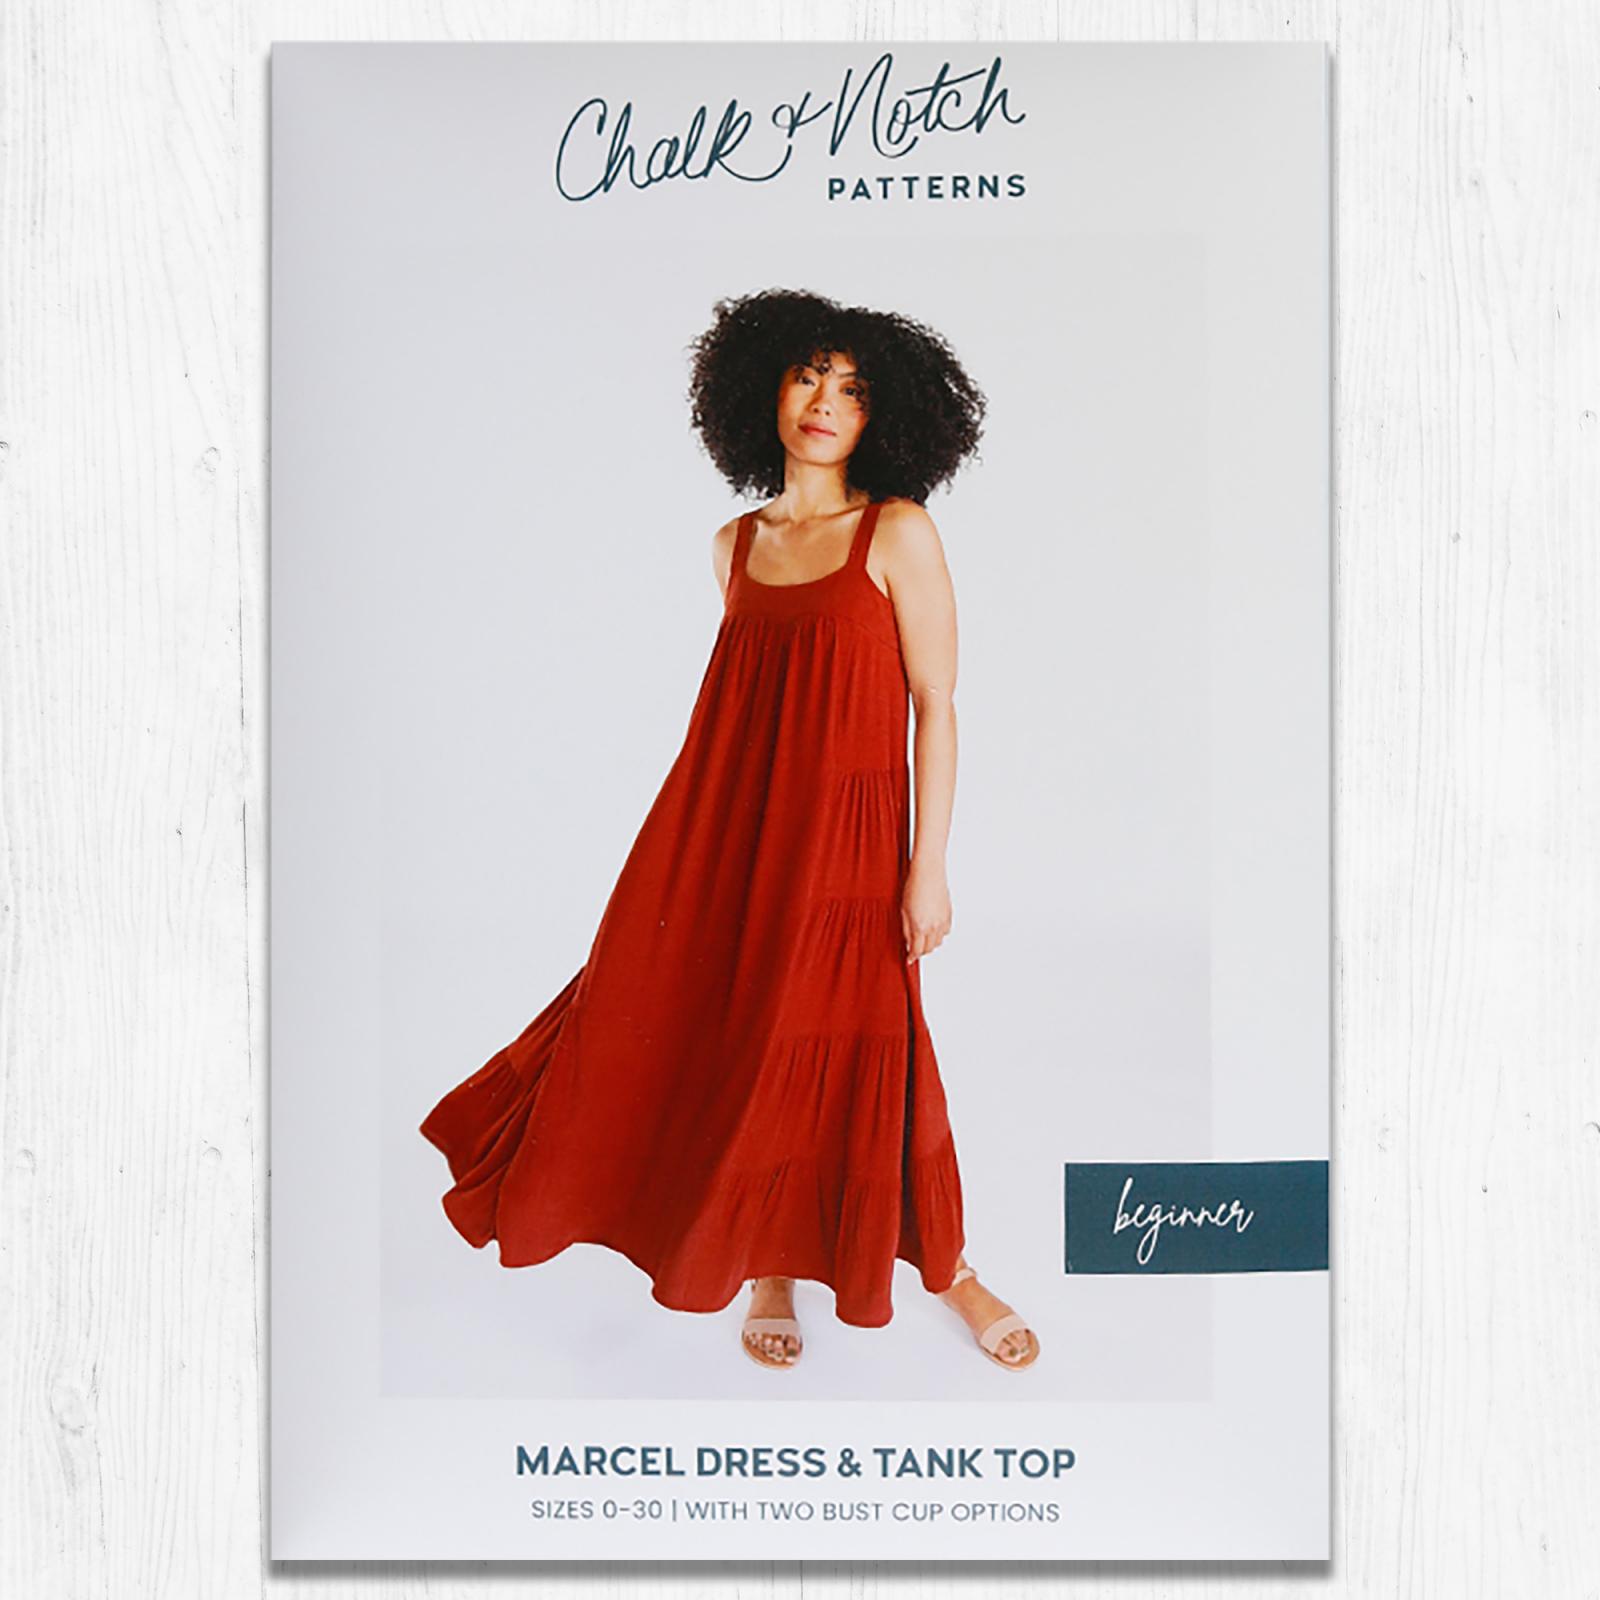 Chalk & Notch - Marcel Dress & Tank Top